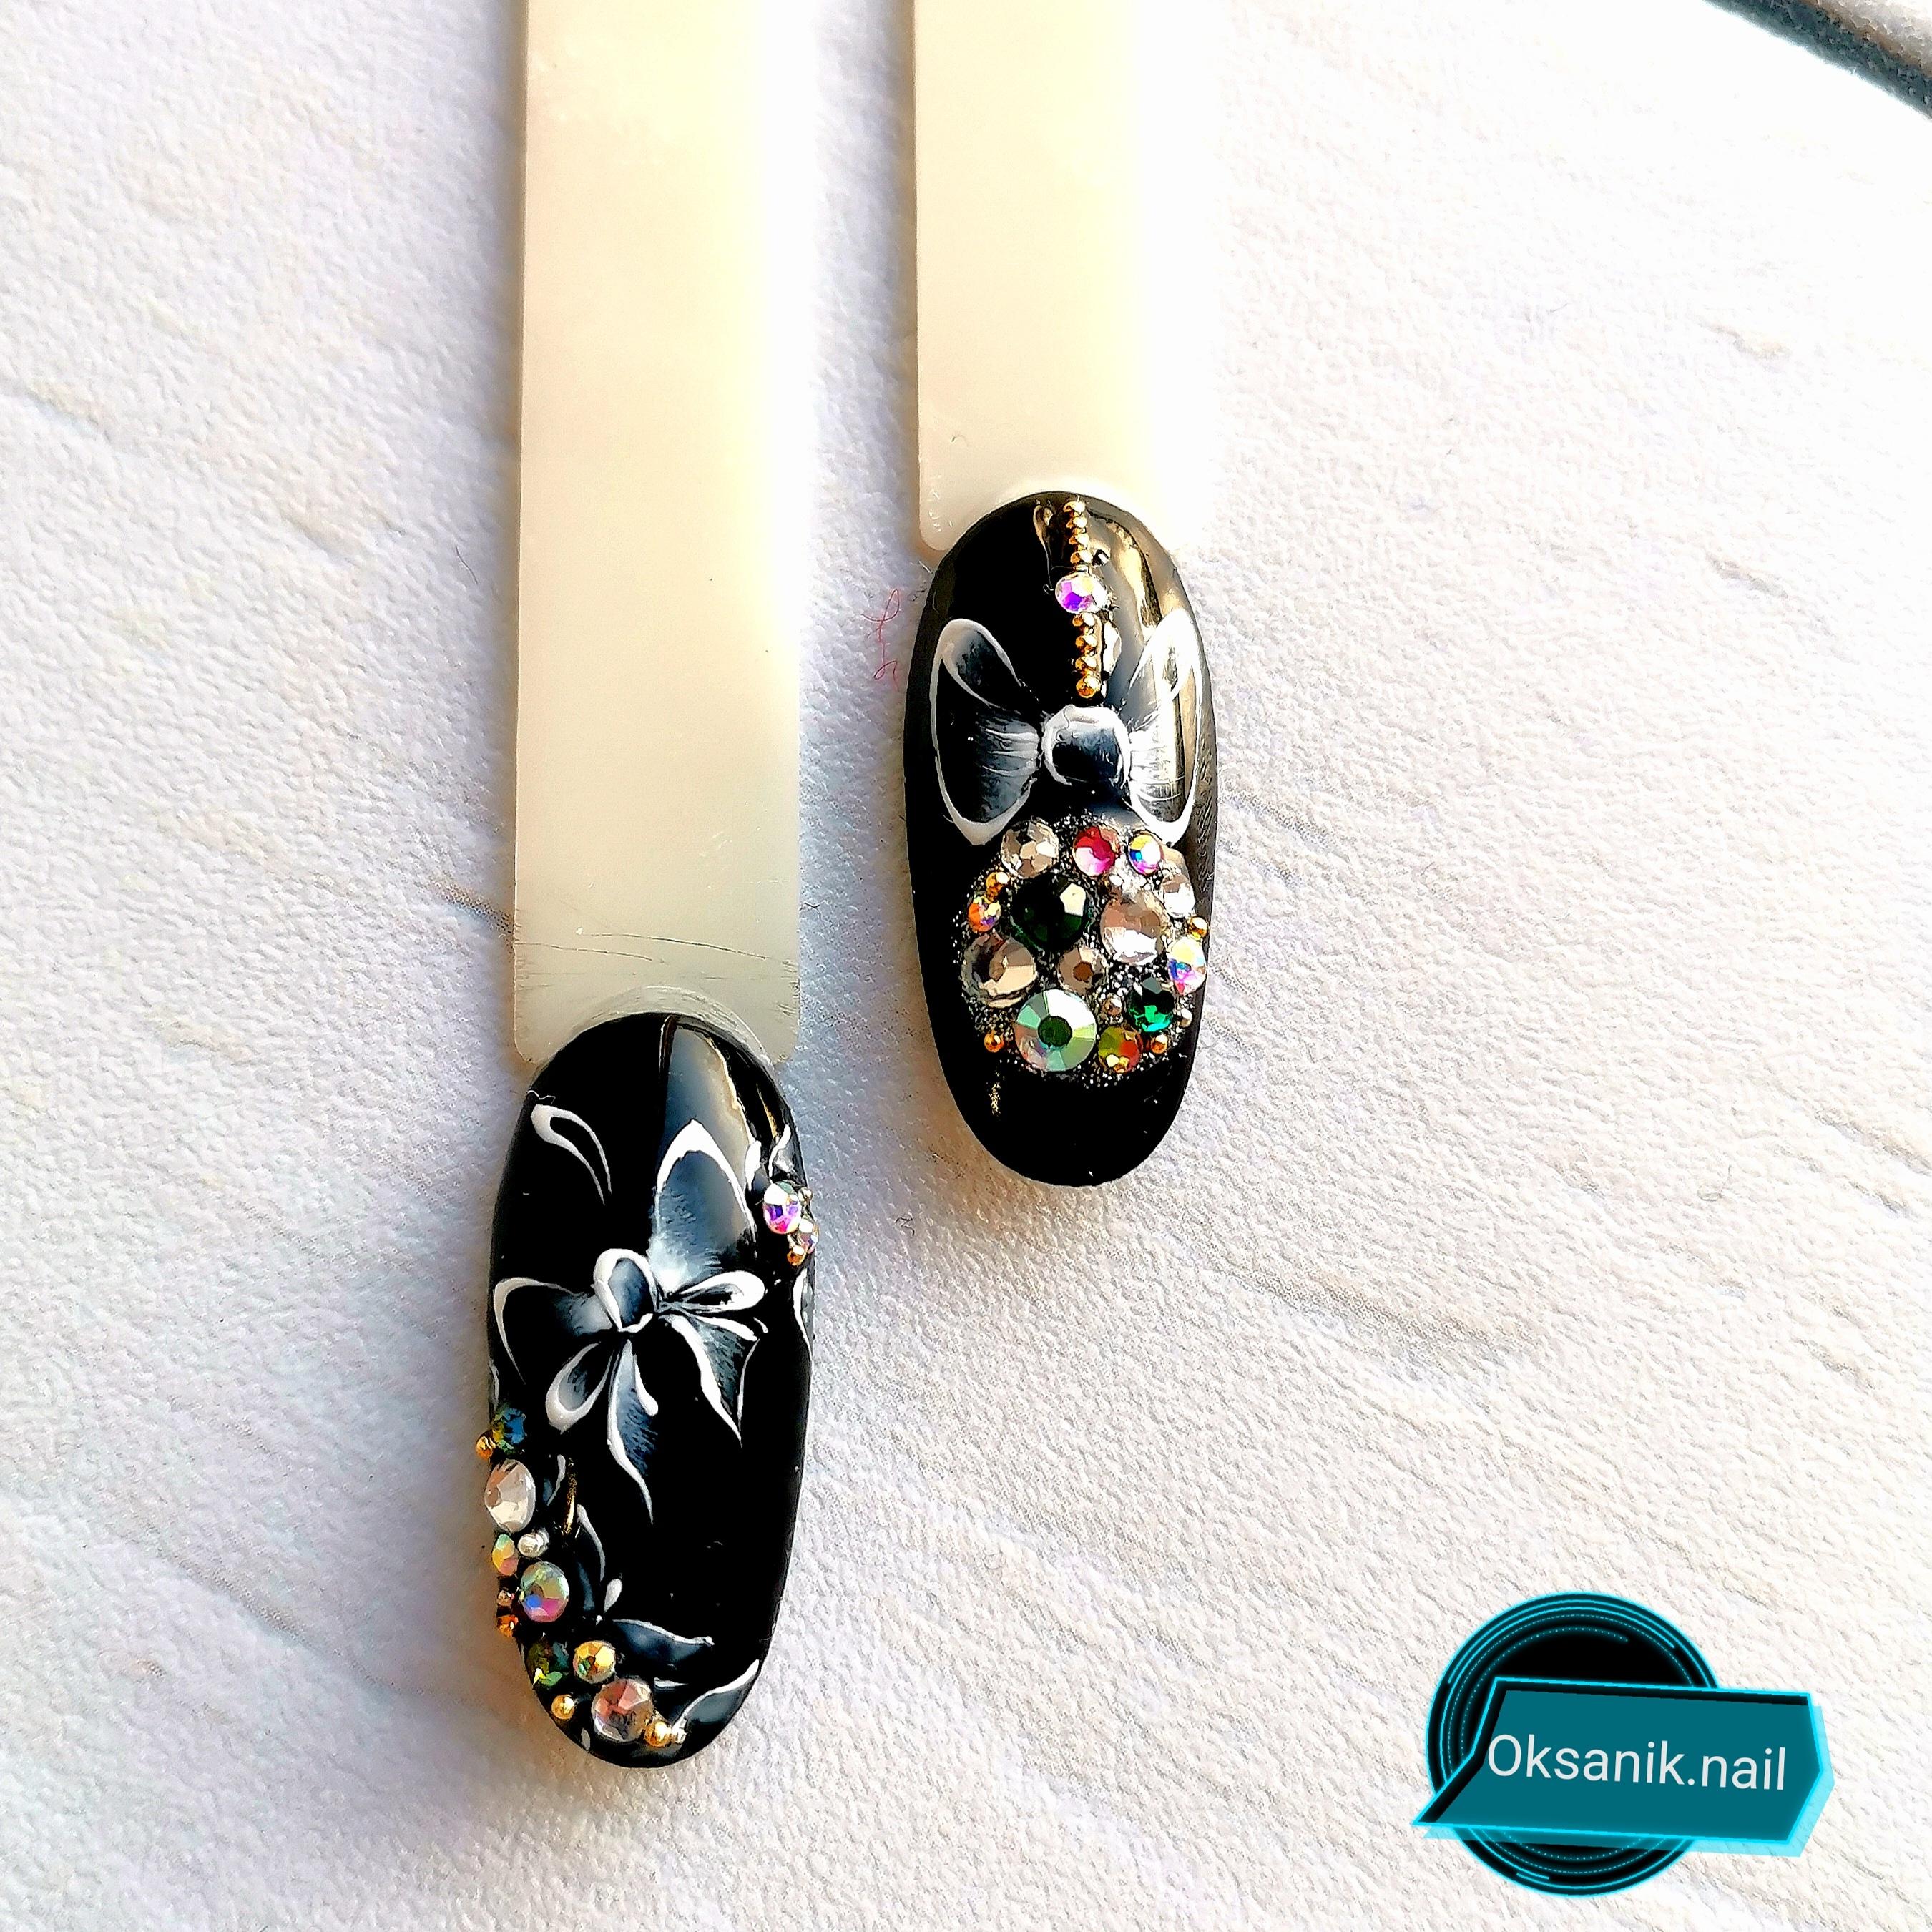 Маникюр в чёрном цвете с новогодним и цветочным рисунками, разноцветными стразами.